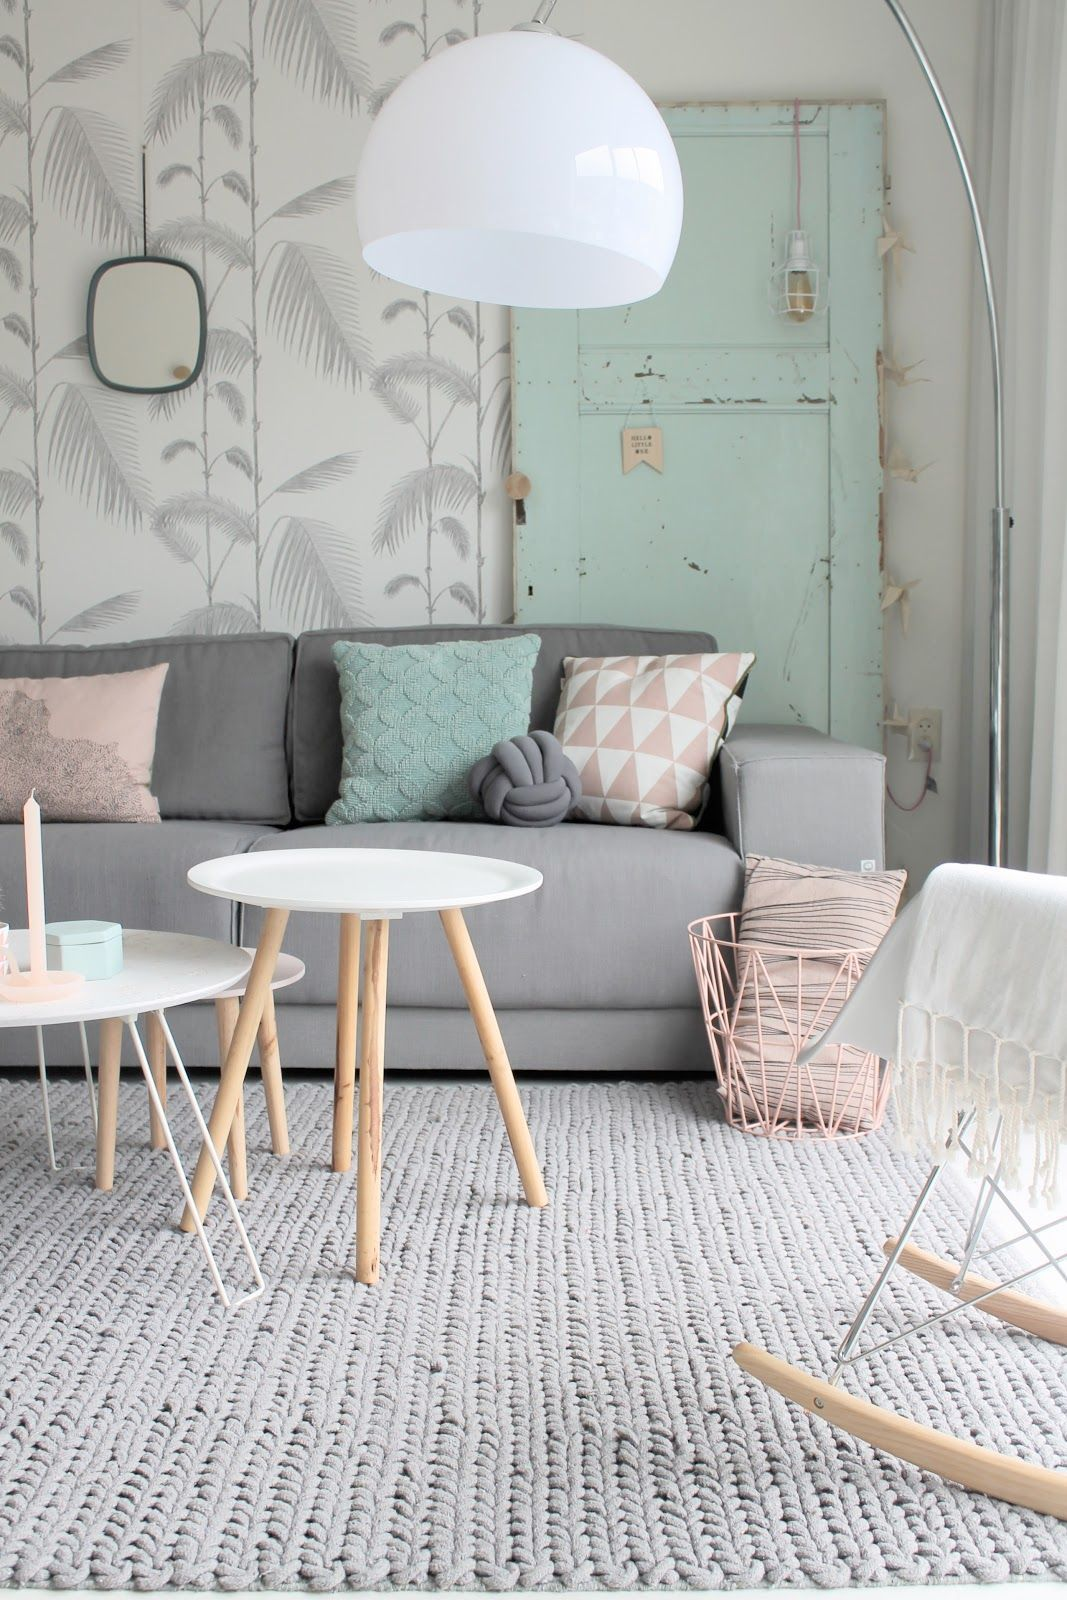 décoration vert céladon salon association gris rose turquoise tropical - blog déco - clem around the corner